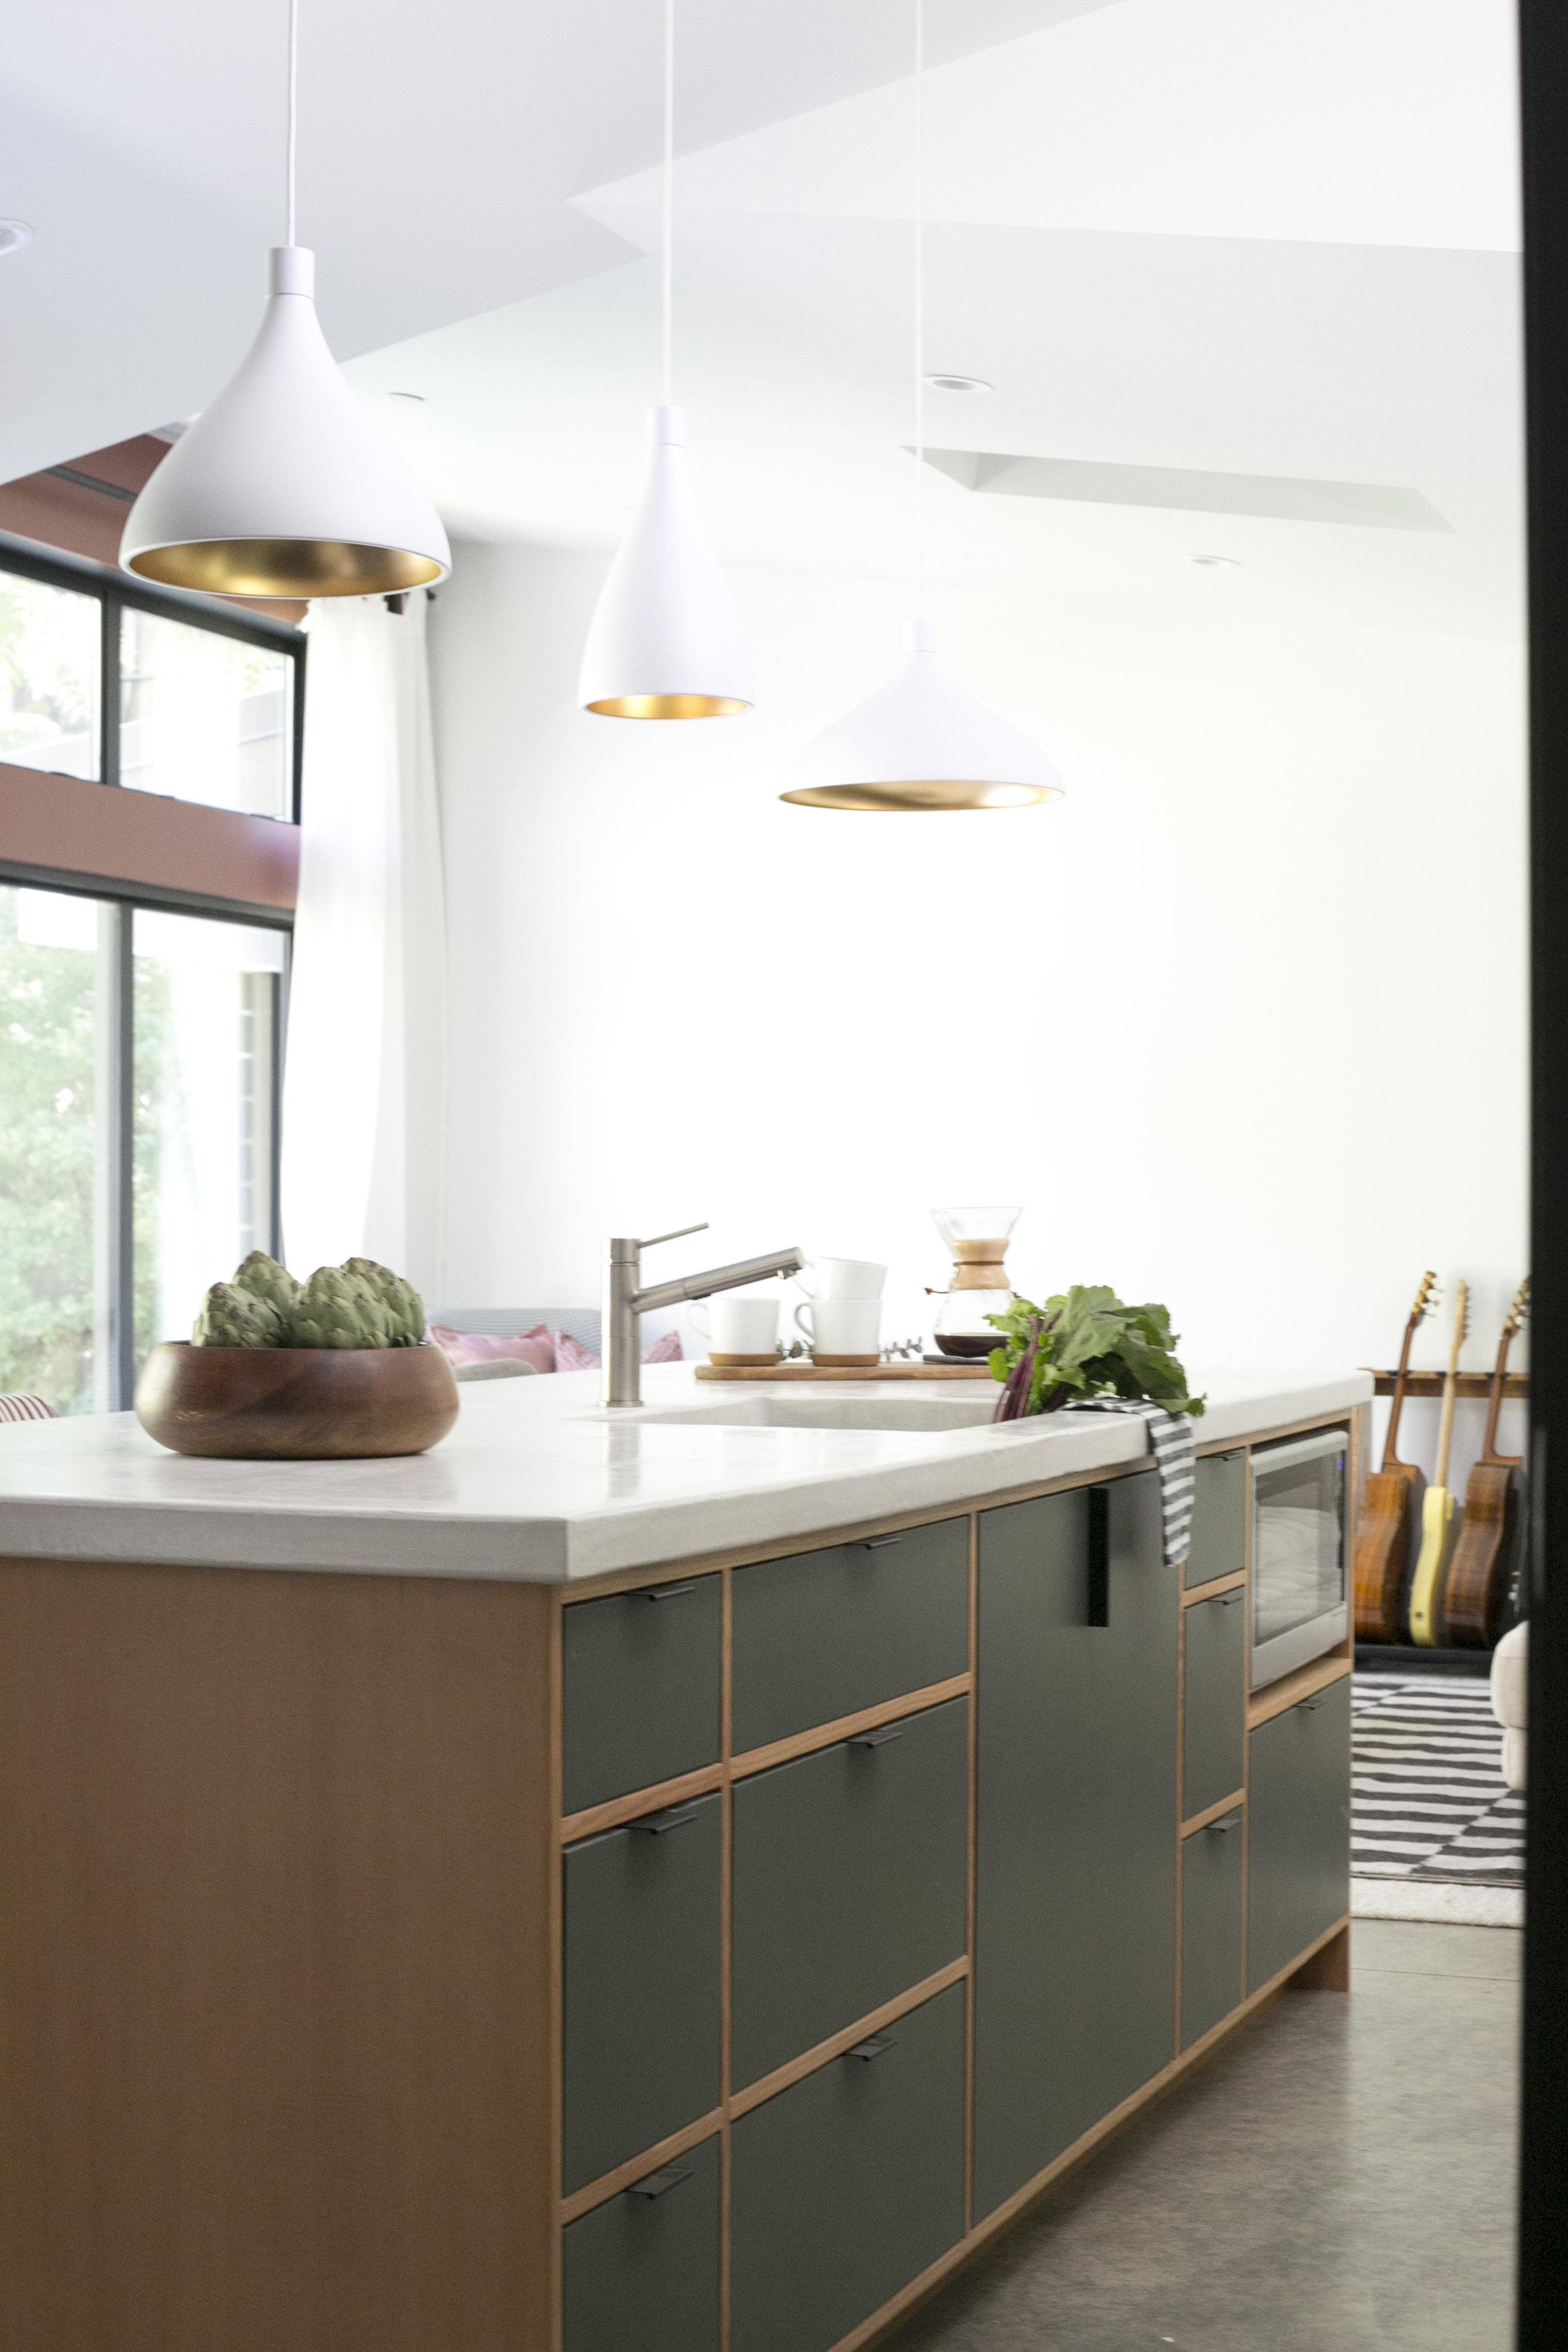 switch-house-kitchen-island.jpg